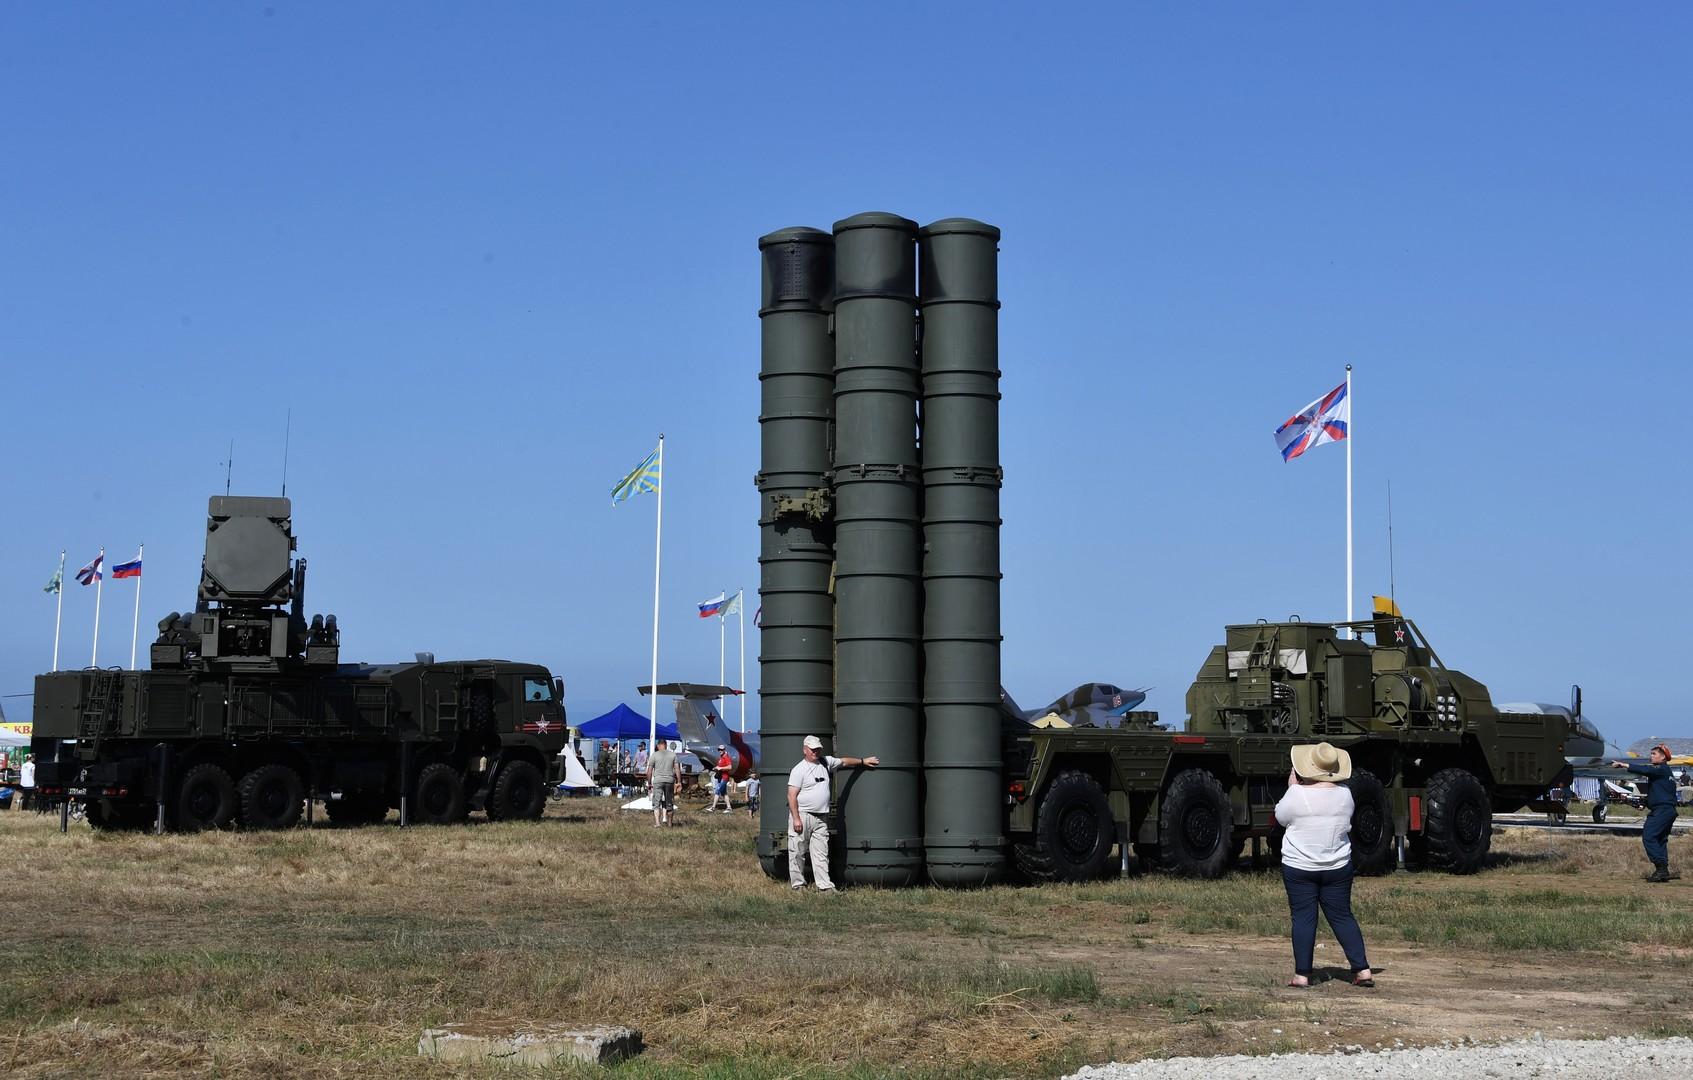 وزير الخارجية التركي: العقوبات الأمريكية المحتملة لن تجبرنا على التخلي عن شراء أنظمة